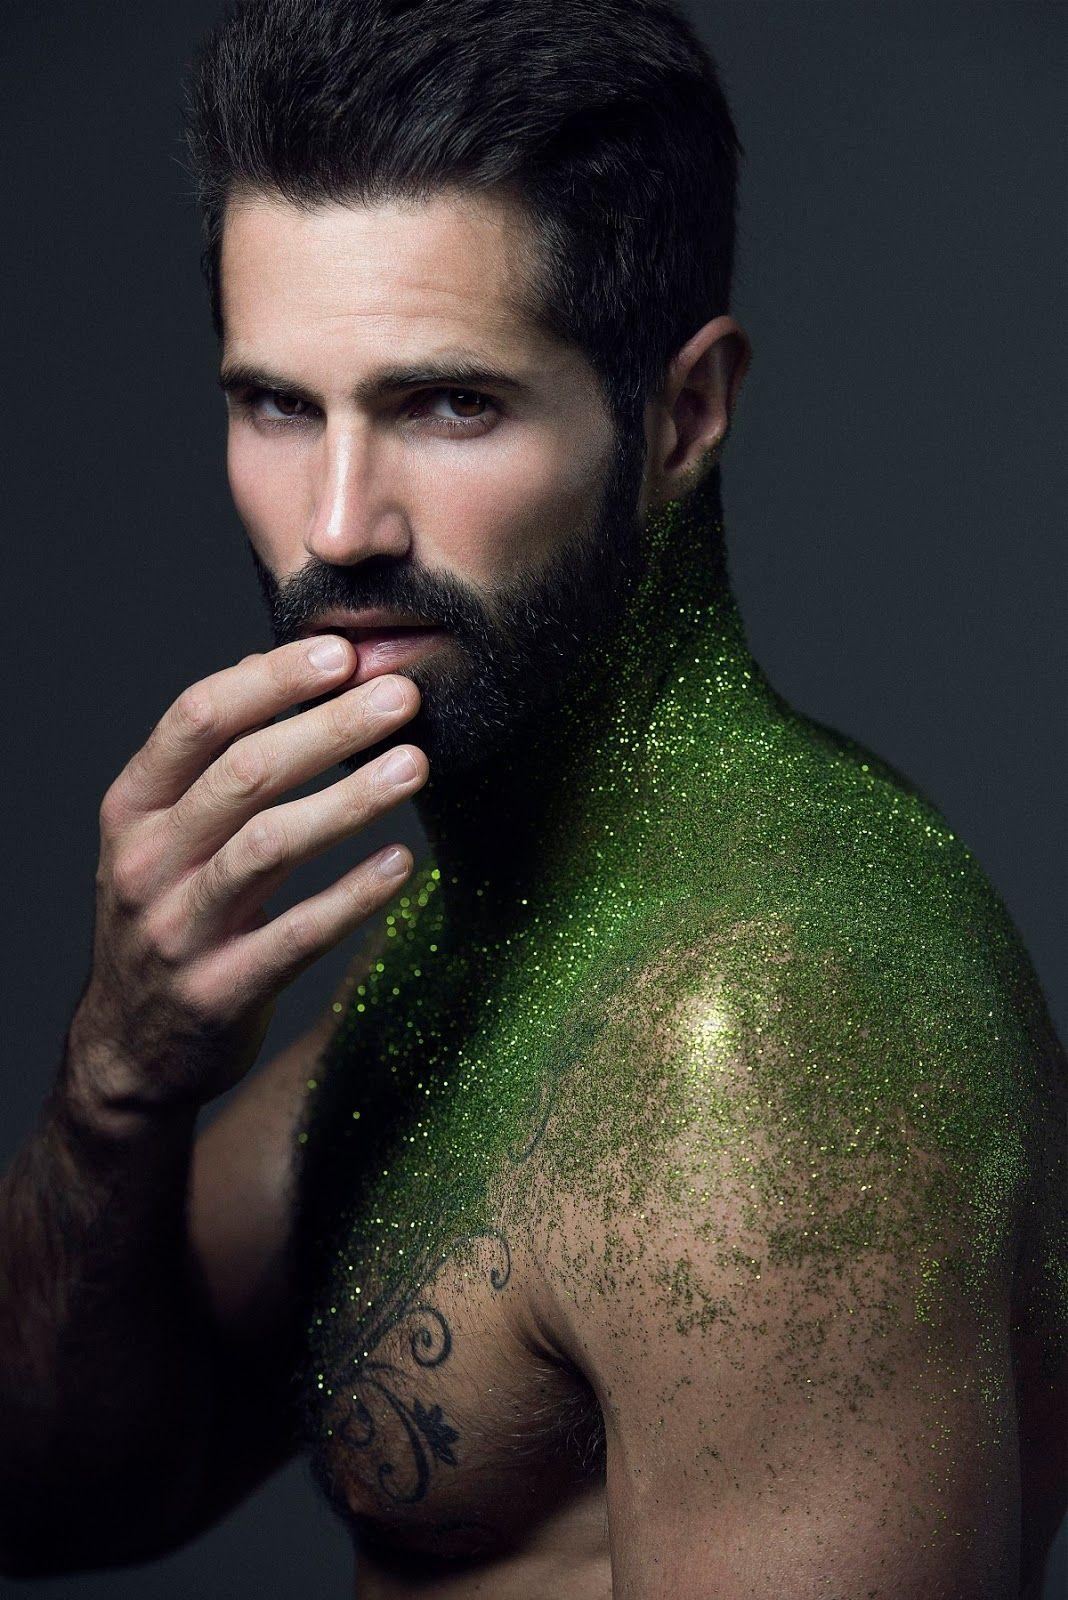 Pablo Robles by Carlos Medel | Homotography